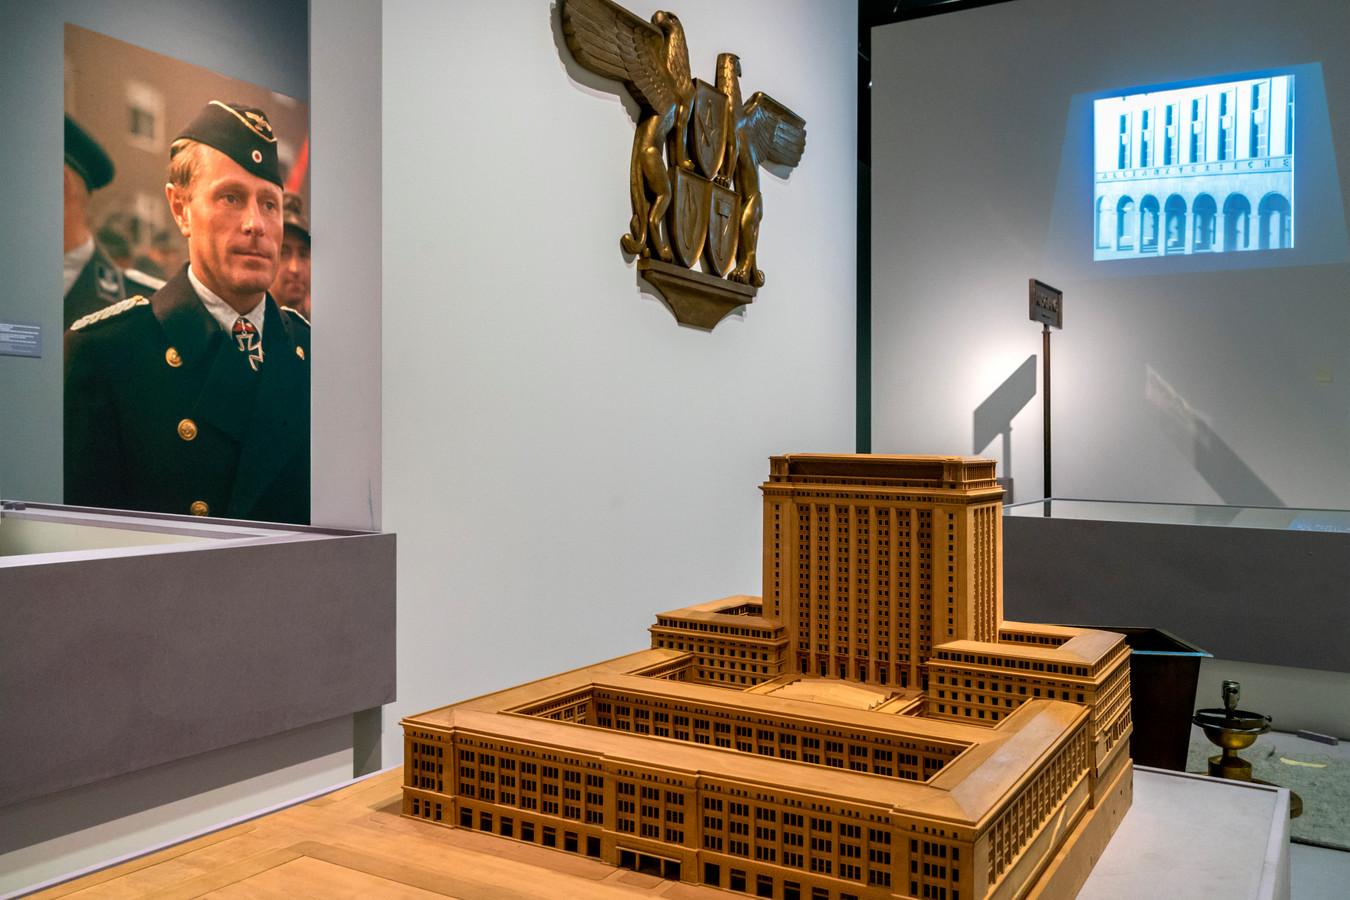 Beeld van de tentoonstelling Design van het Derde Rijk in Den Bosch met links de foto van een marine-officier, waarbij het museum het bijschrift moest corrigeren.